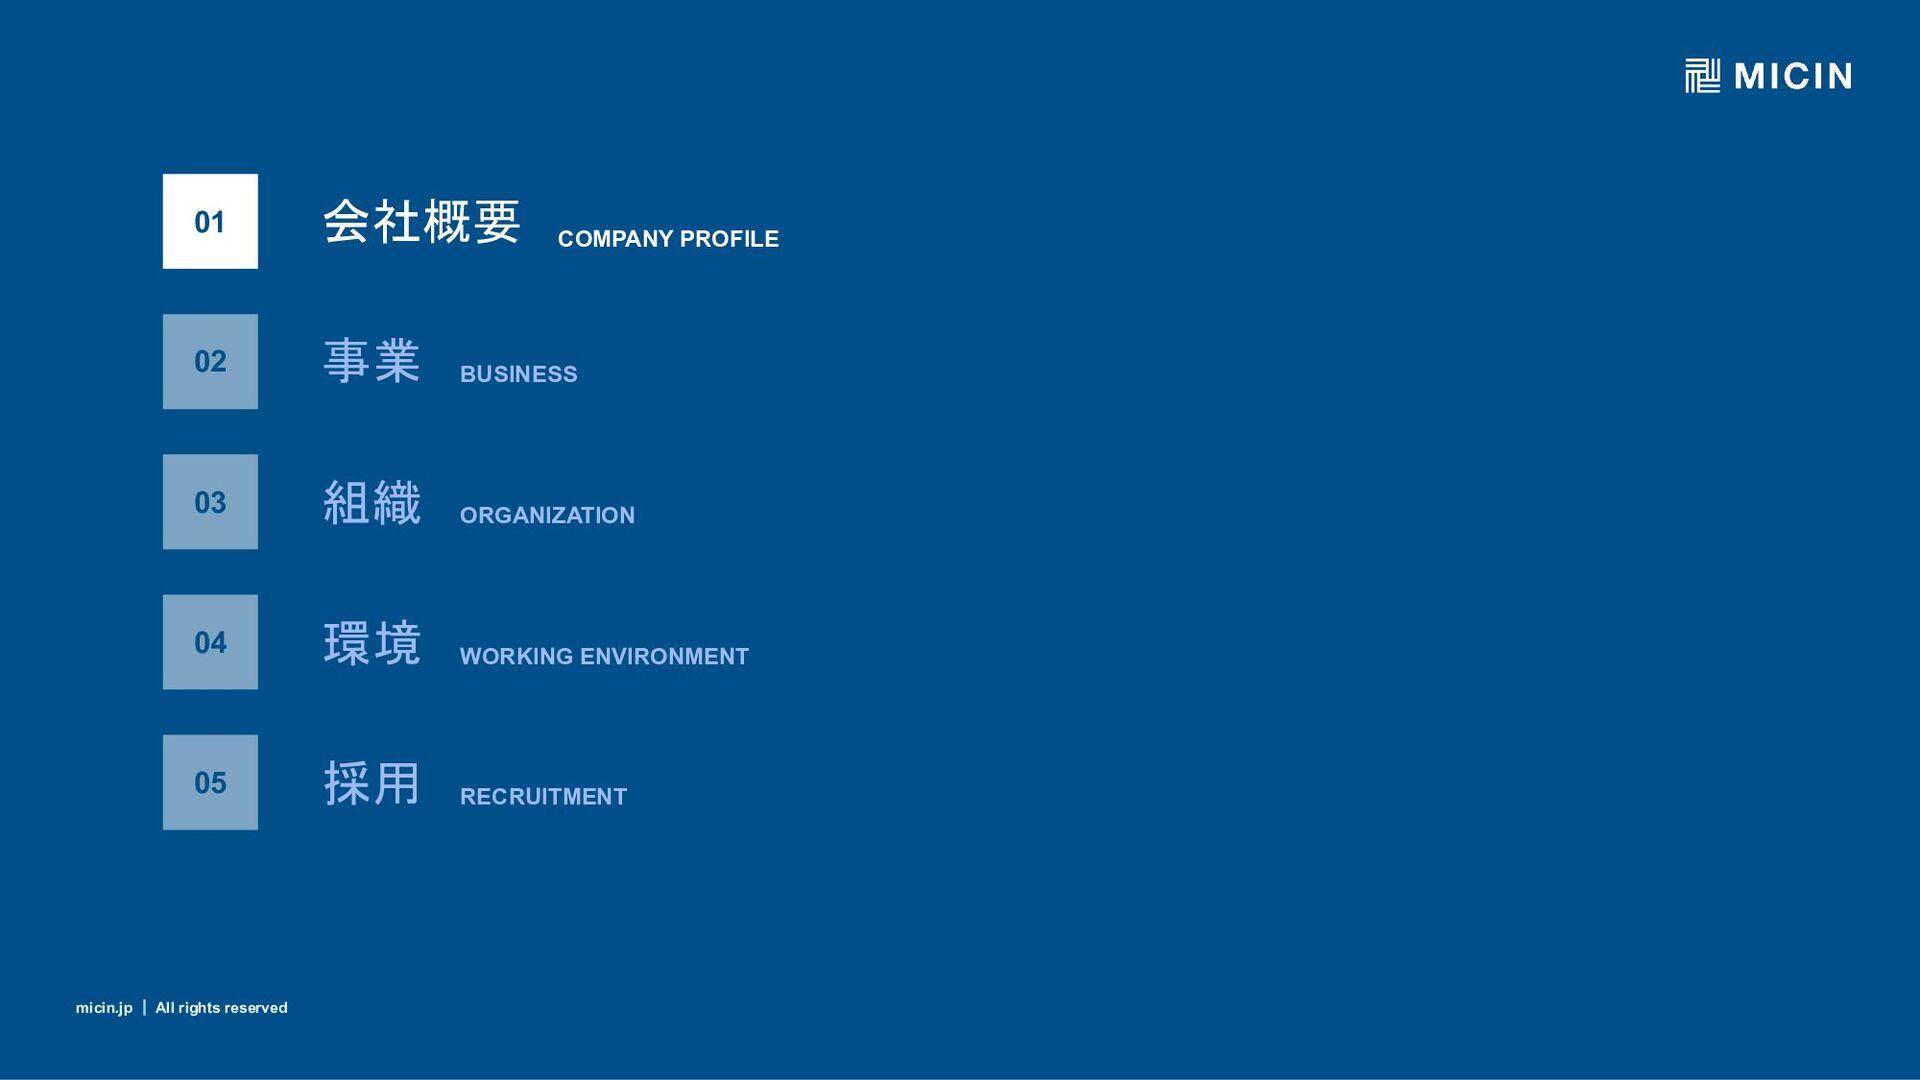 micin.jp ʛ All rights reserved 4 micin.jp ʛ All...